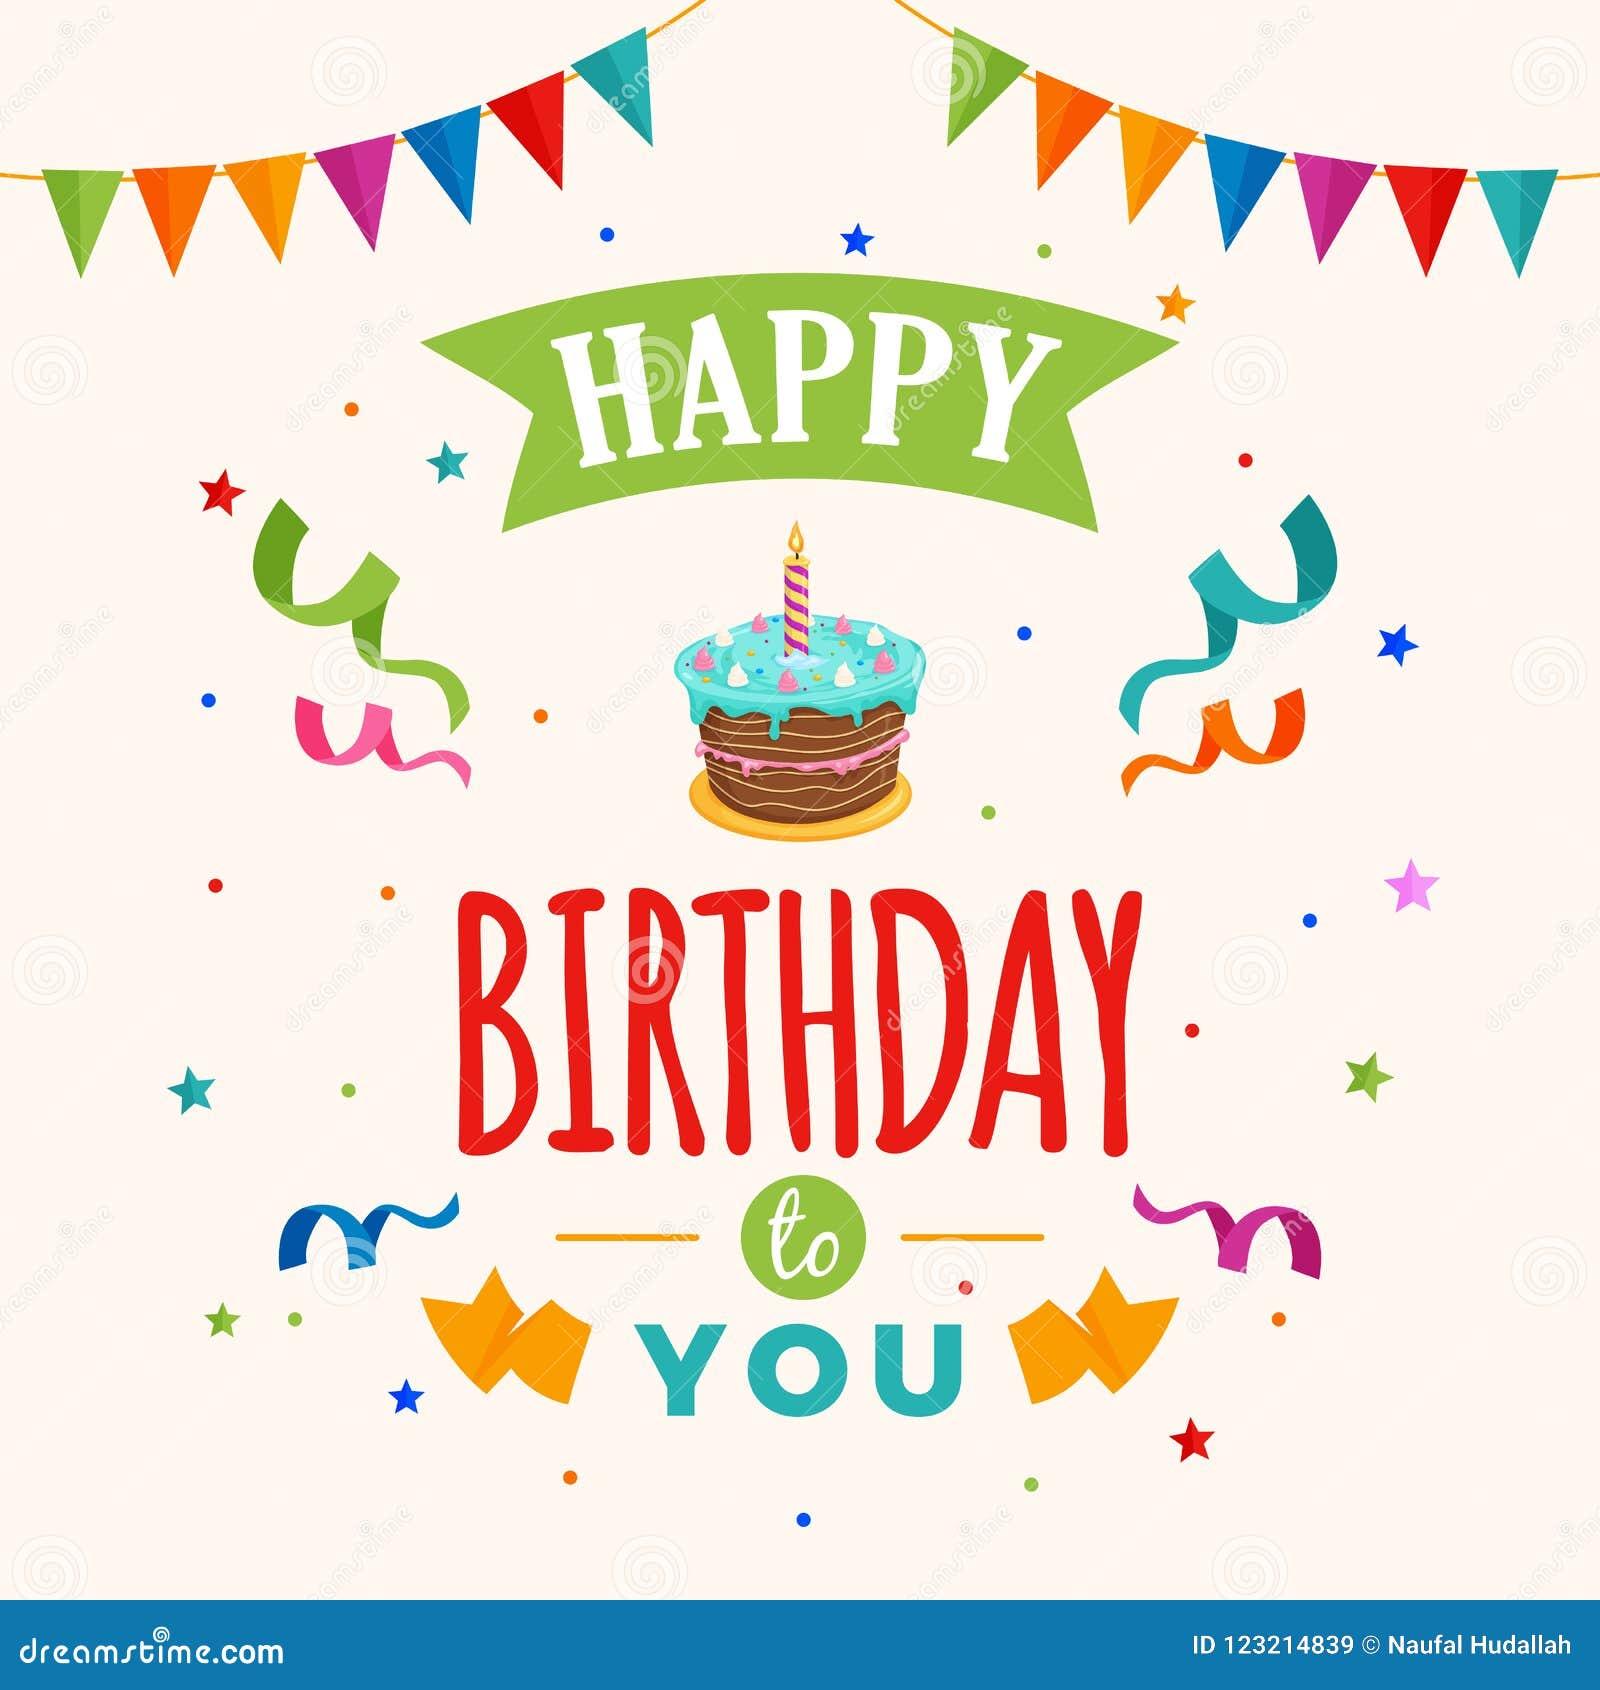 Happy Birthday To You Background Vector Birthday Cake Illustration